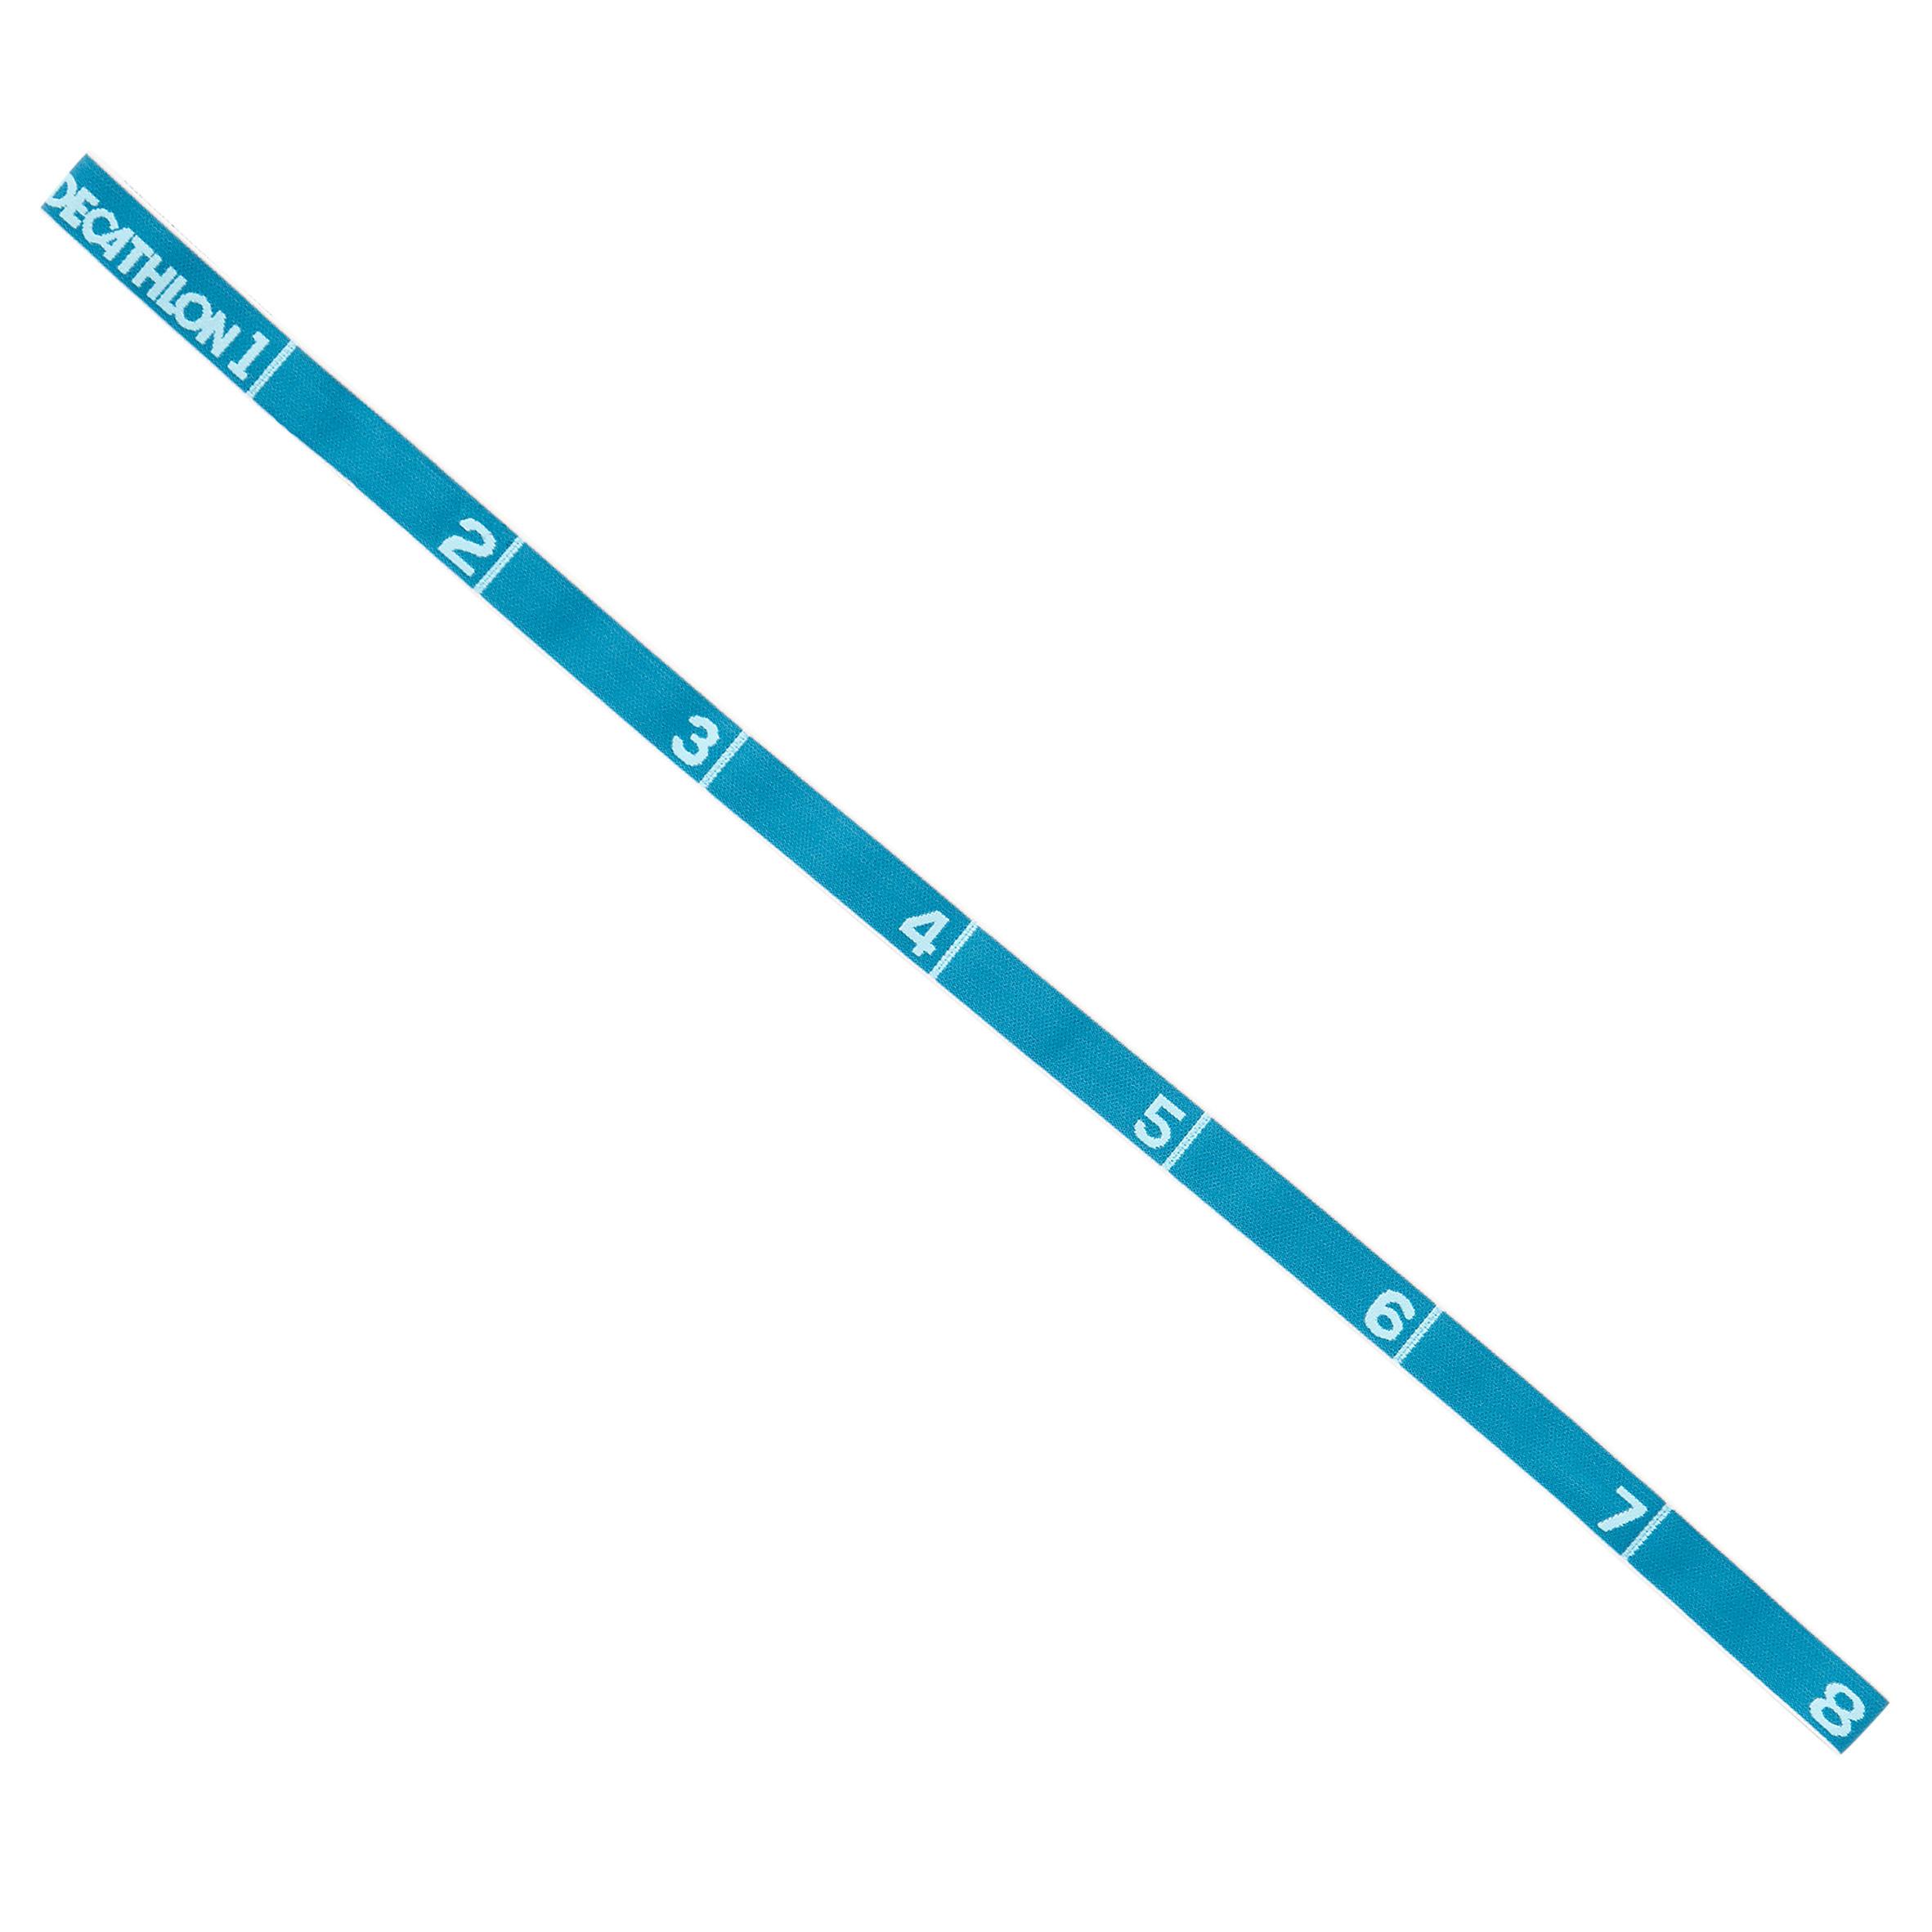 Bandă elastică Fitness 500 imagine